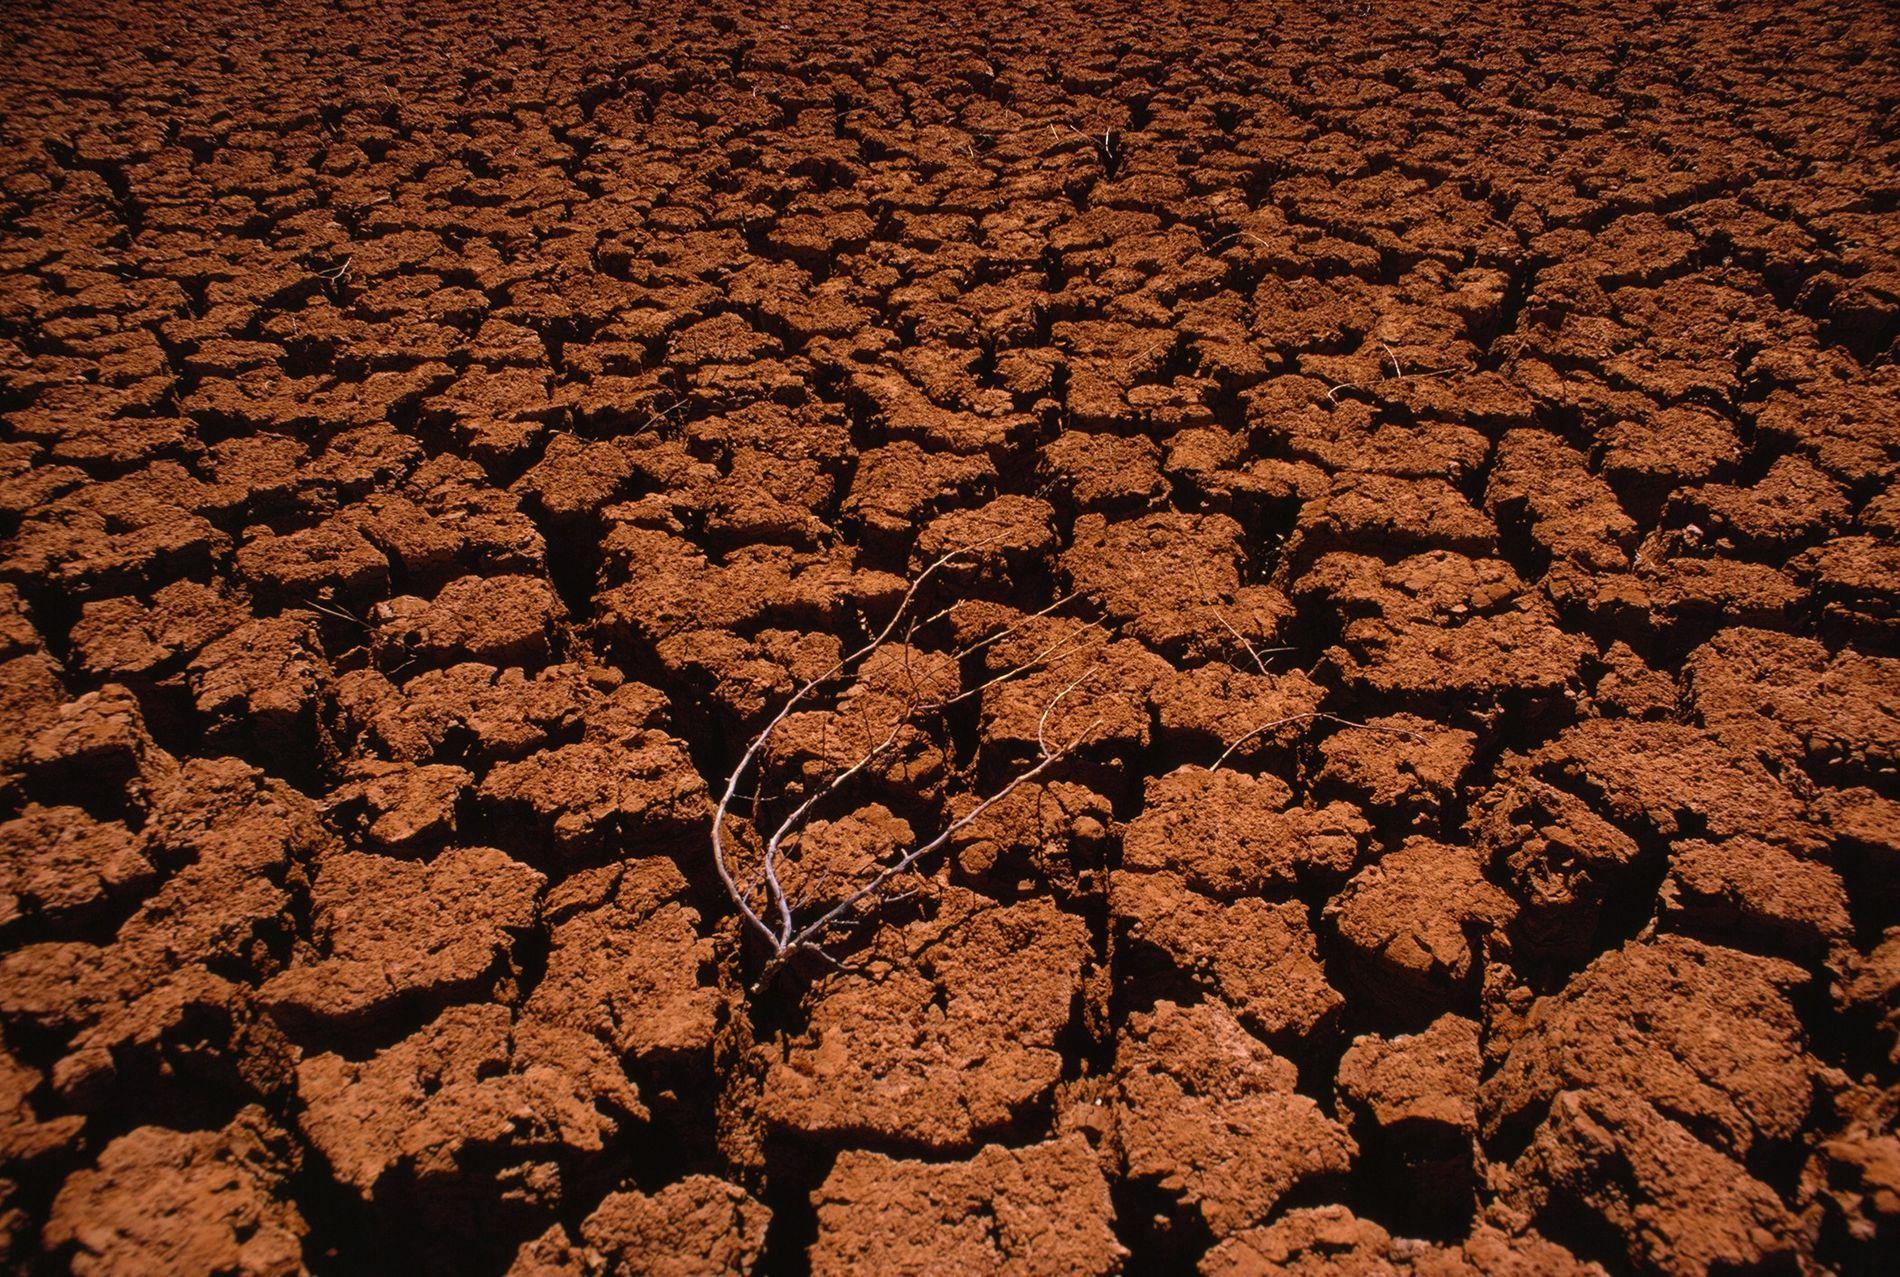 Eventos climáticos severos, como secas e inundações, serão cada vez mais frequentes caso as metas de redução do aumento da temperatura definidas no Acordo de Paris não sejam cumpridas. O resultado será uma nova onda de pobreza, deslocamentos em massa e fome.